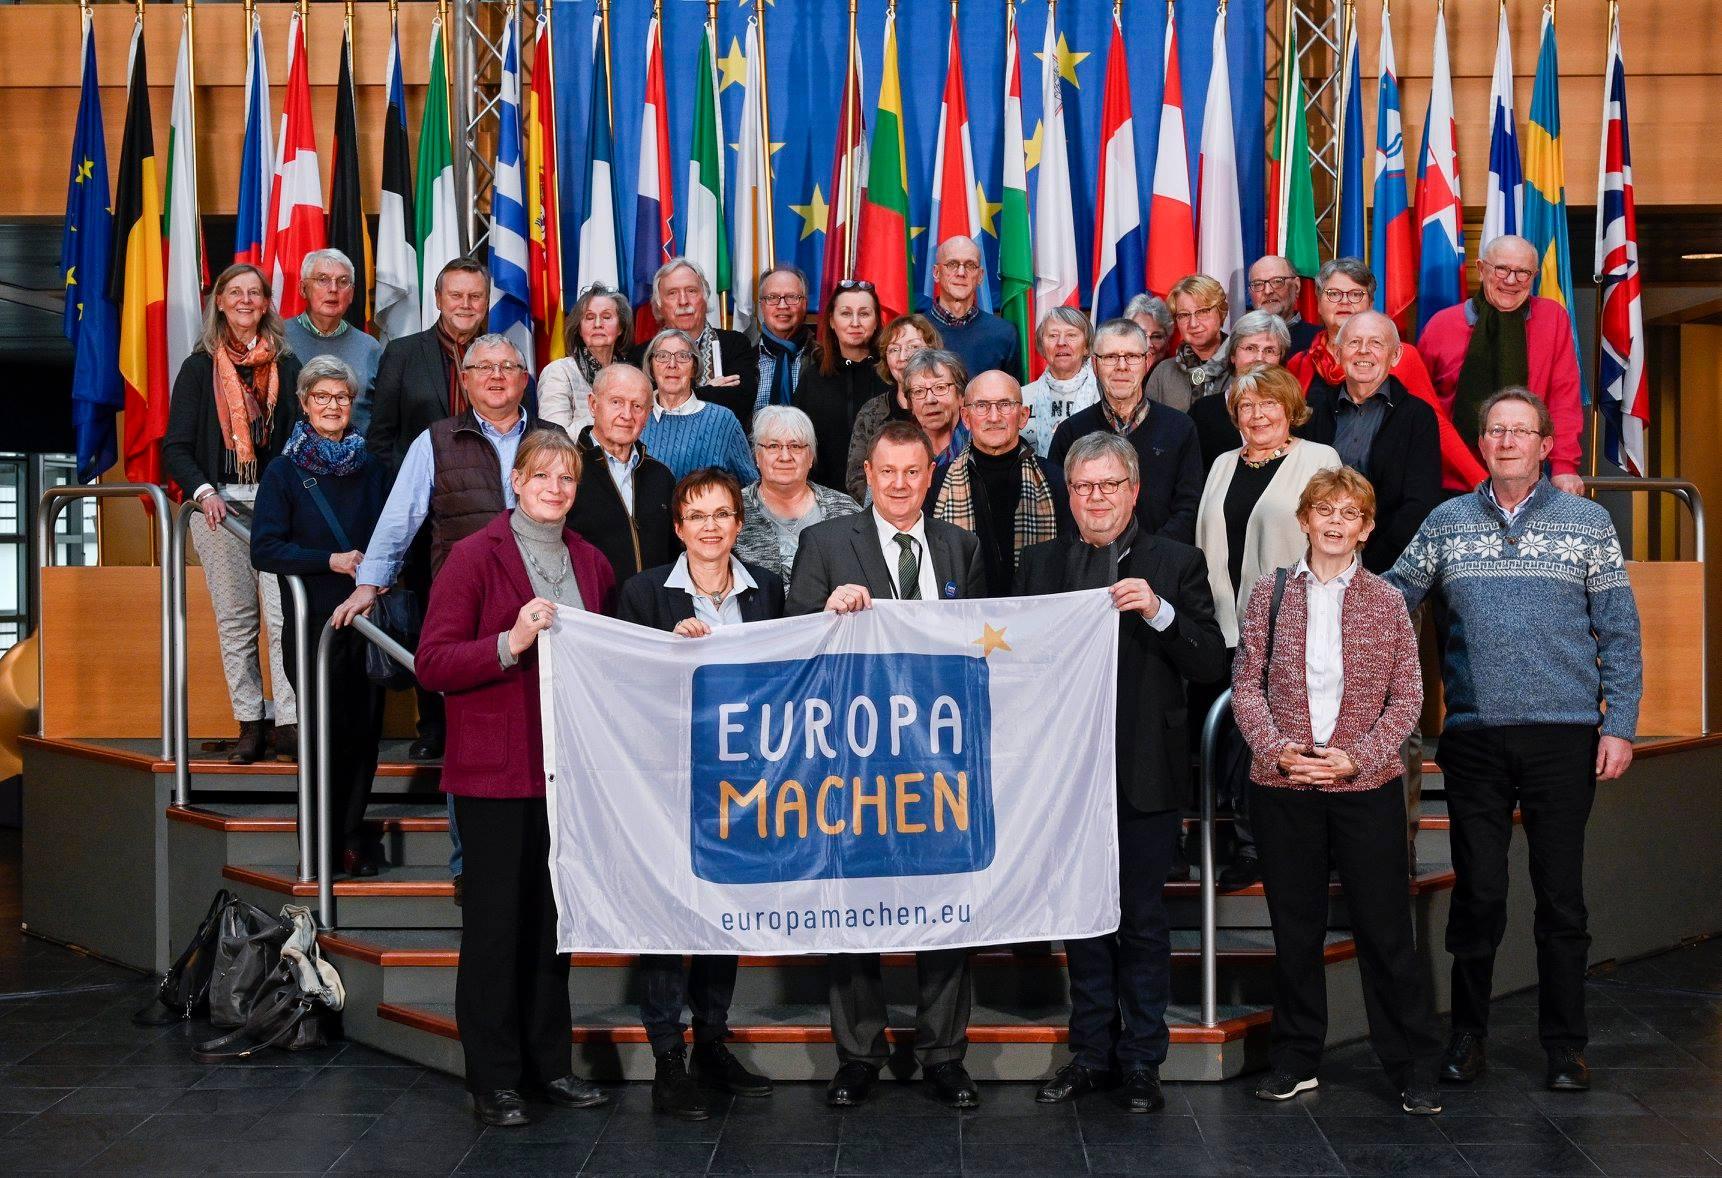 Foto © European Union 2019